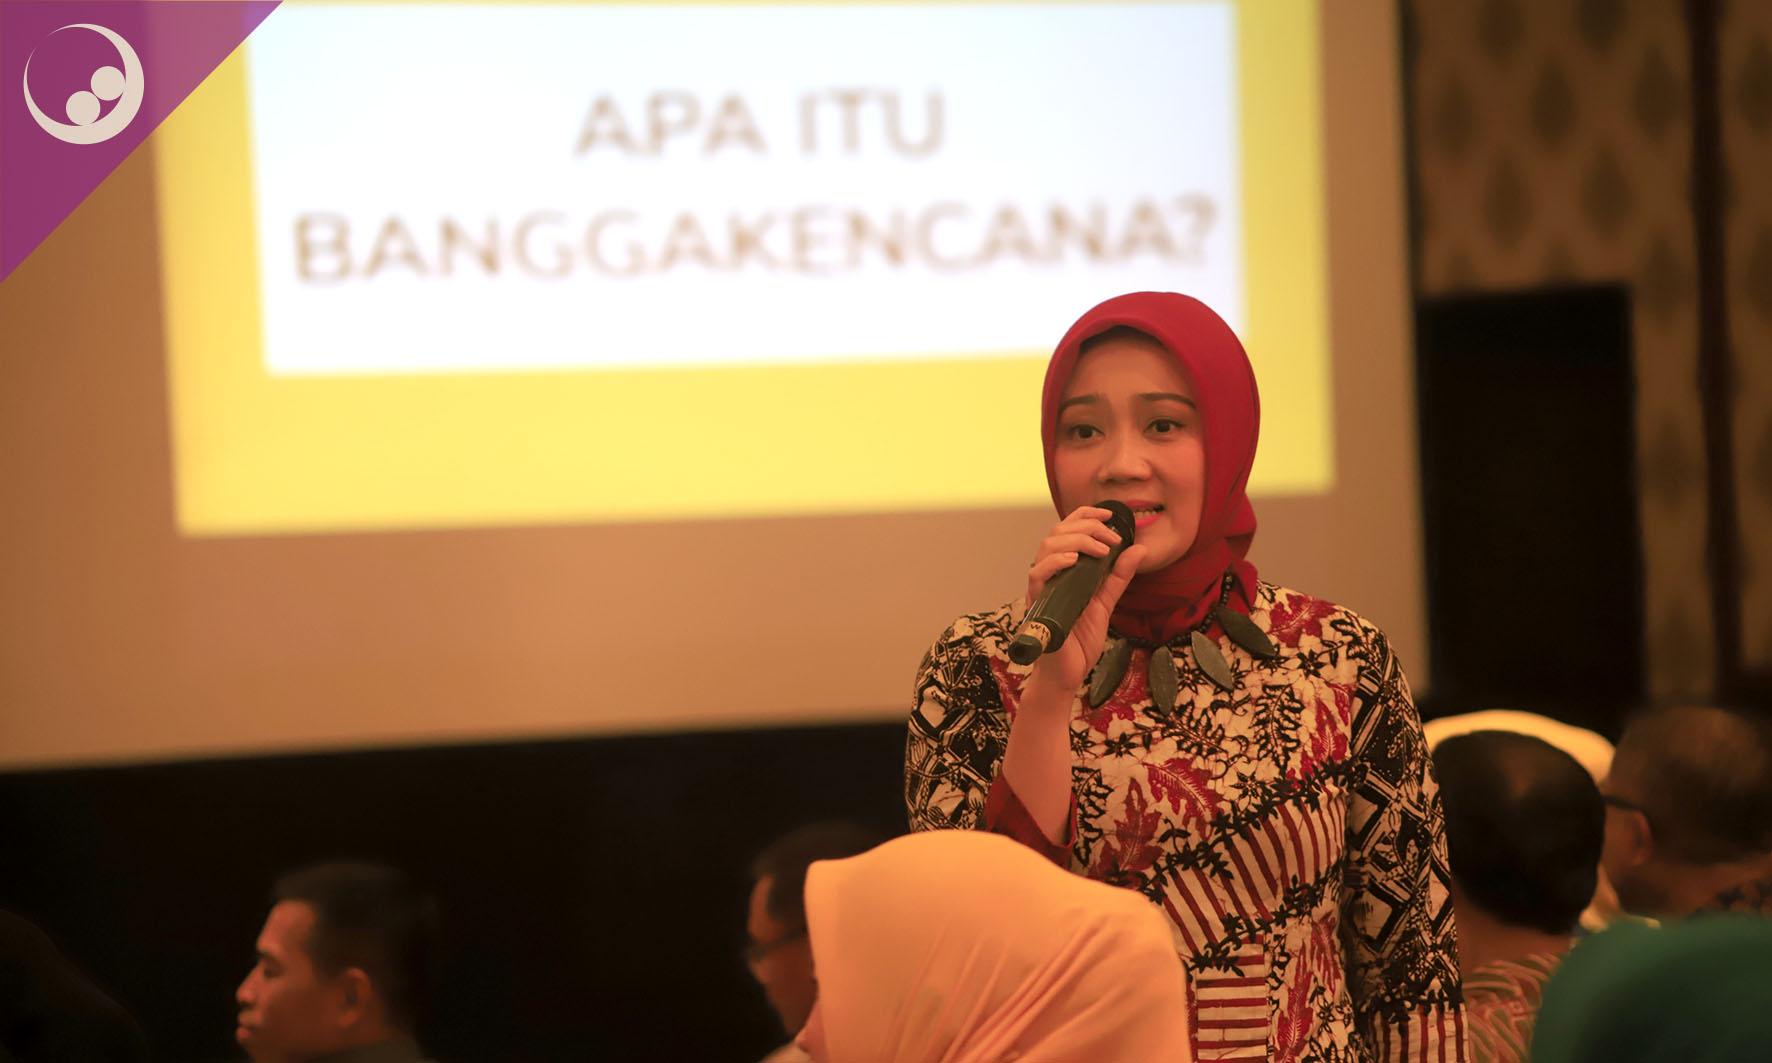 Rebranding Bikin BKKBN Makin Keren